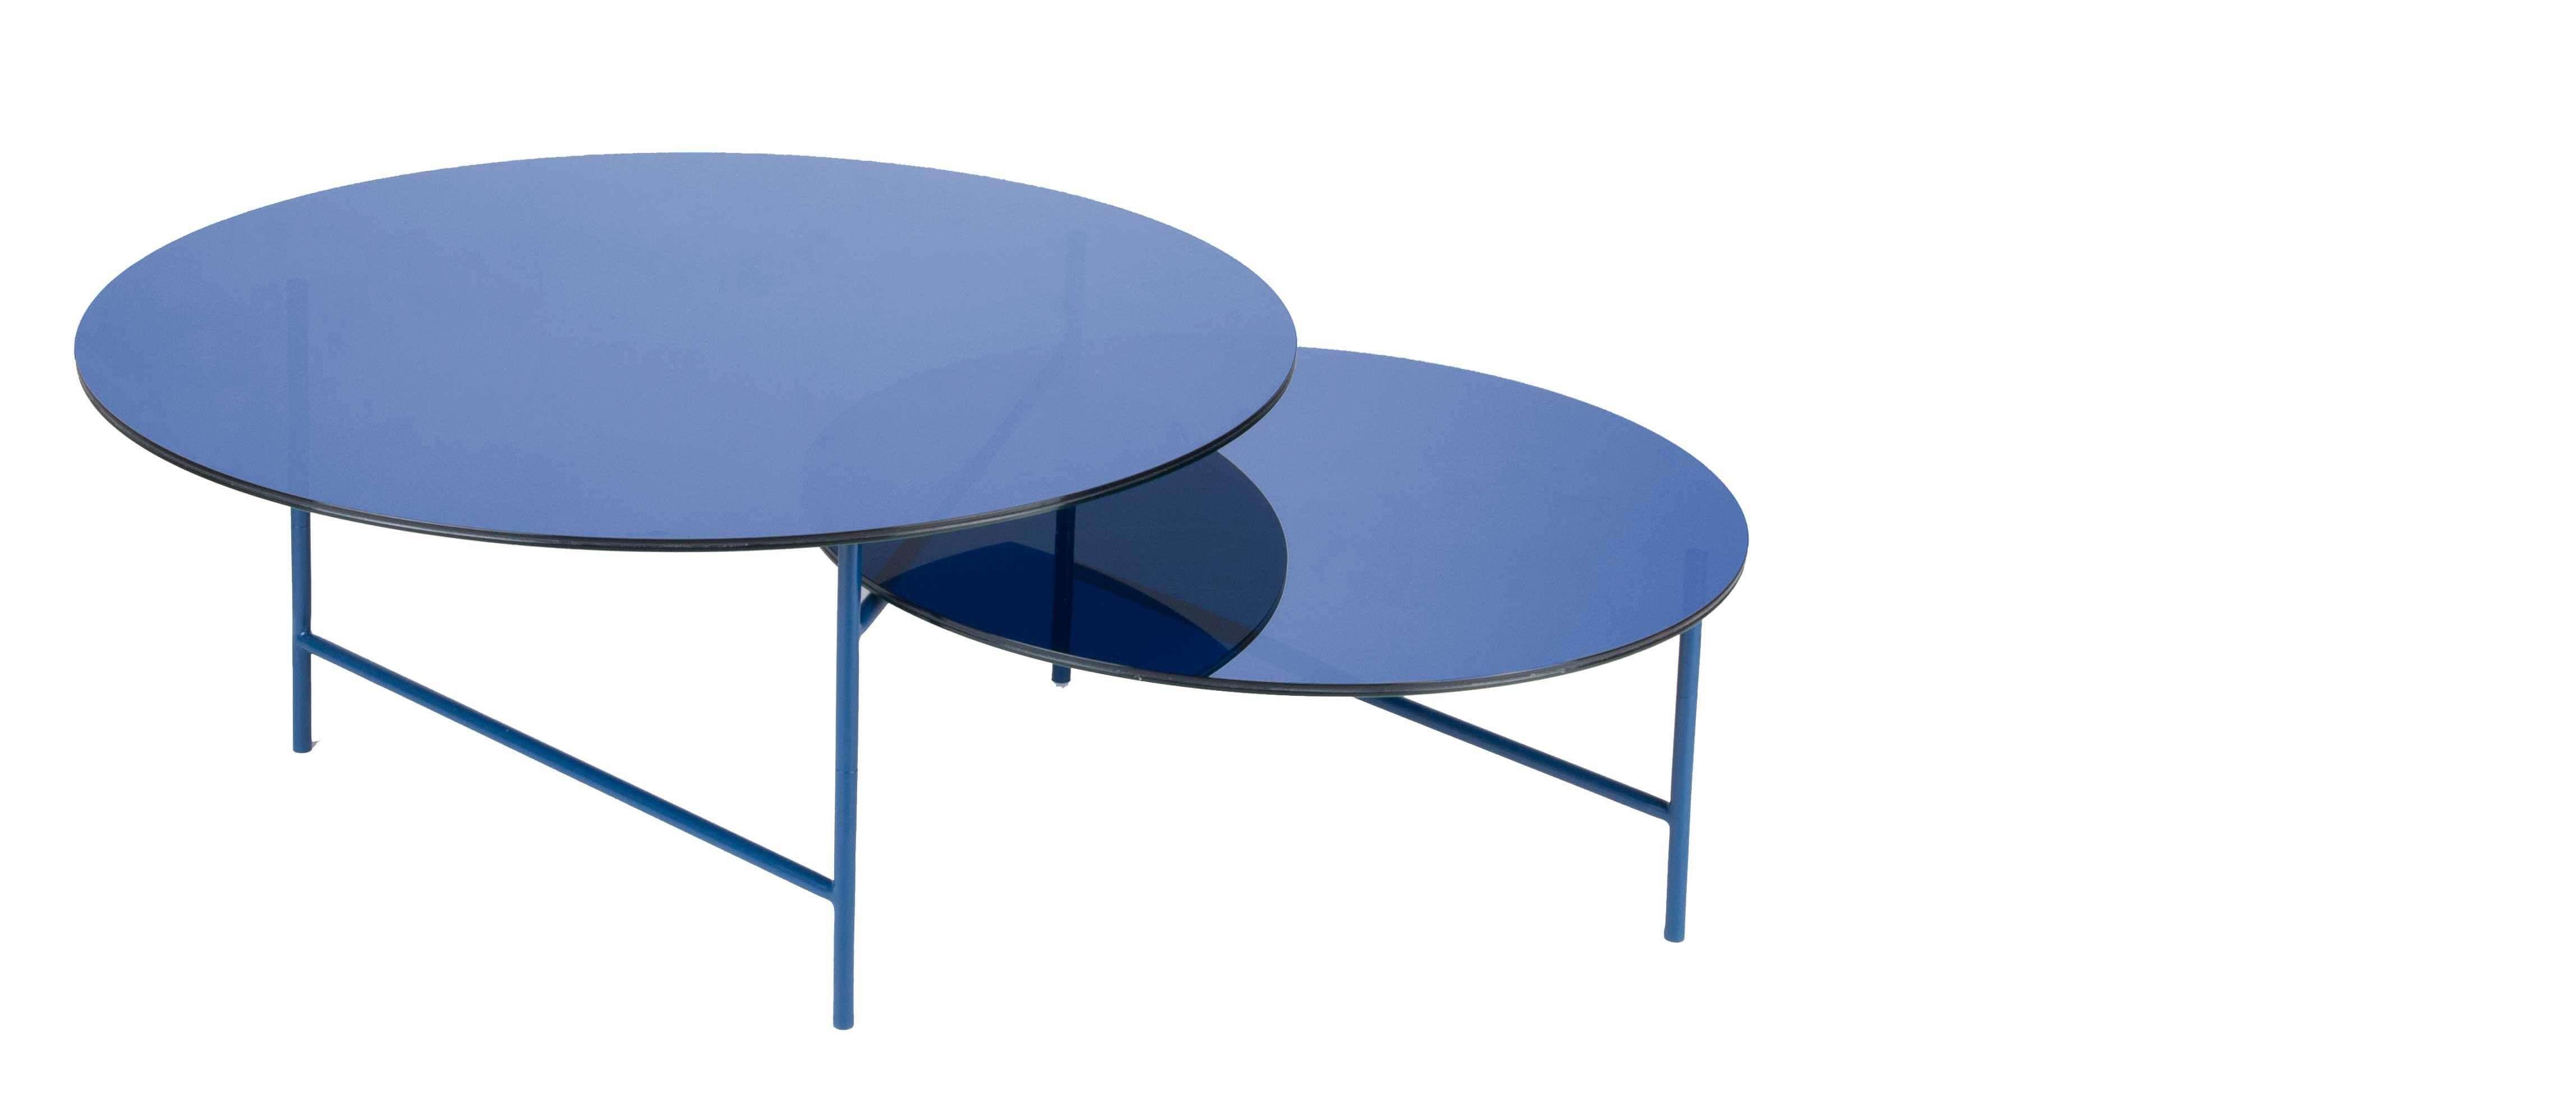 table basse avec plateaux en verre bleu zorro